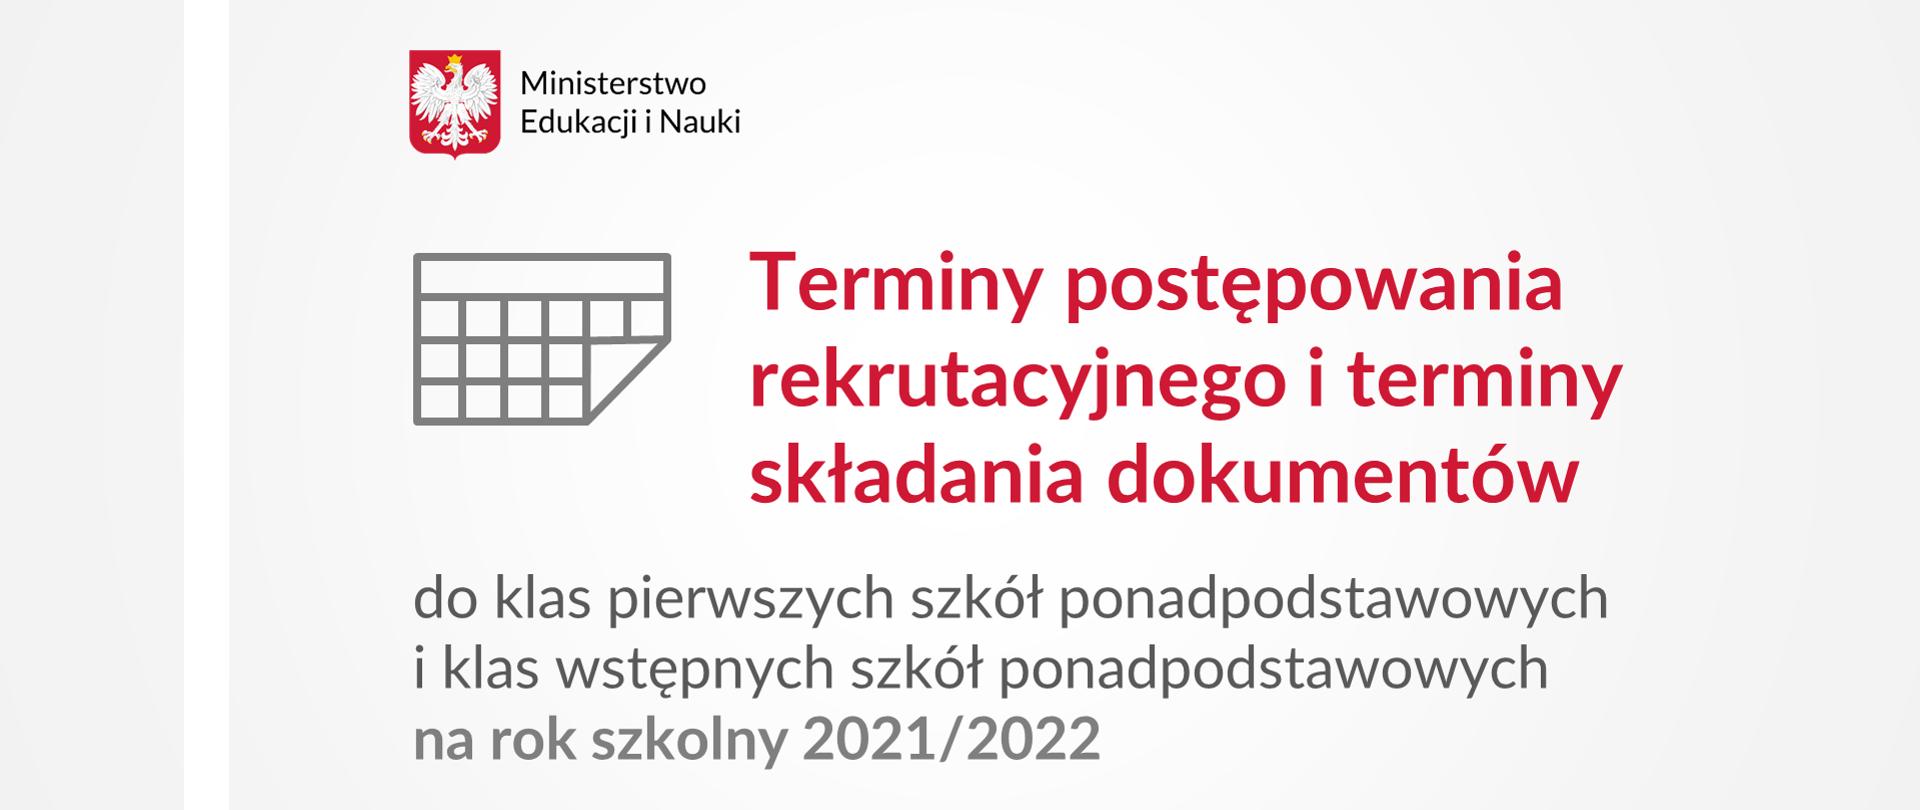 Grafika na białym tle z napisem terminy postępowania rekrutacyjnego i terminy składania dokumentów do klas pierwszych szkół ponadpodstawowych i klas wstępnych szkół ponadpodstawowych na rok szkolny 2021/2022